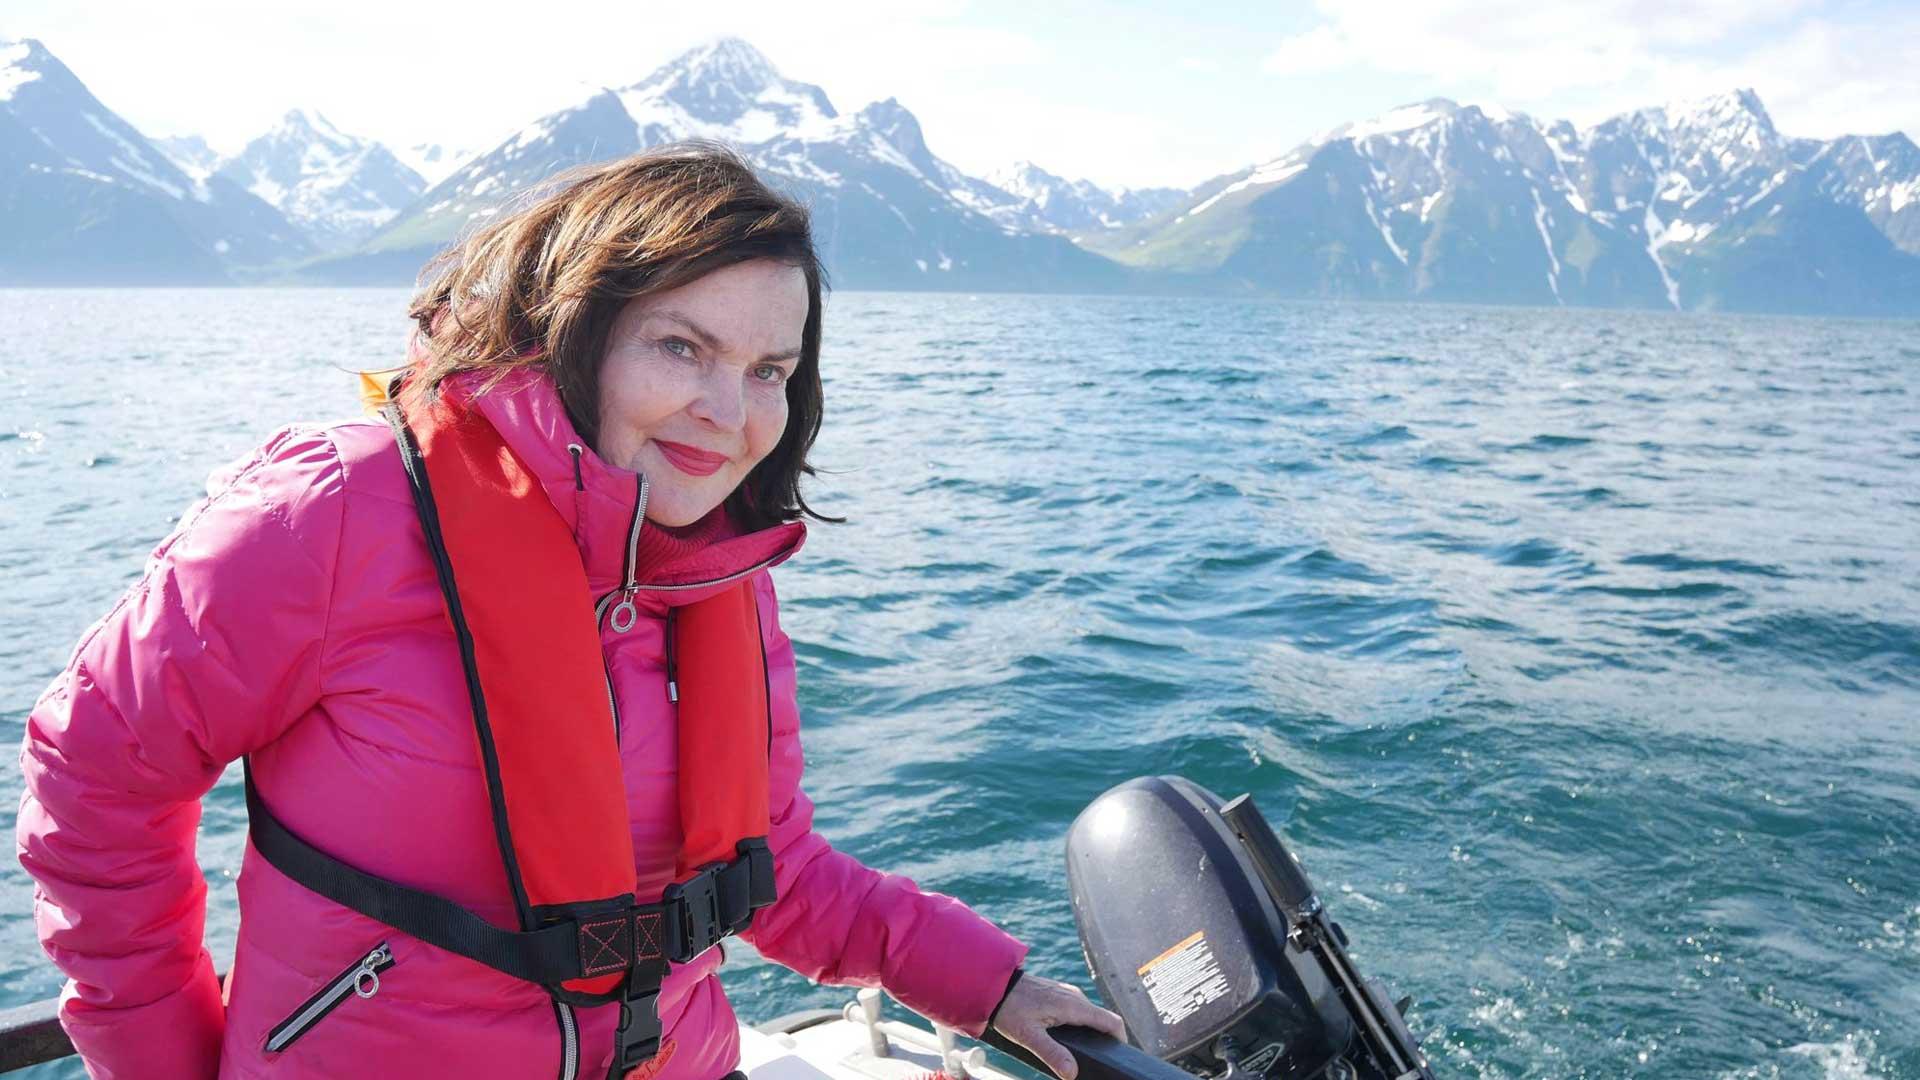 Pohjois-Norjan Djupvikissa kalastusretkellä ystäväperheen veneellä. Vuosi 2019.